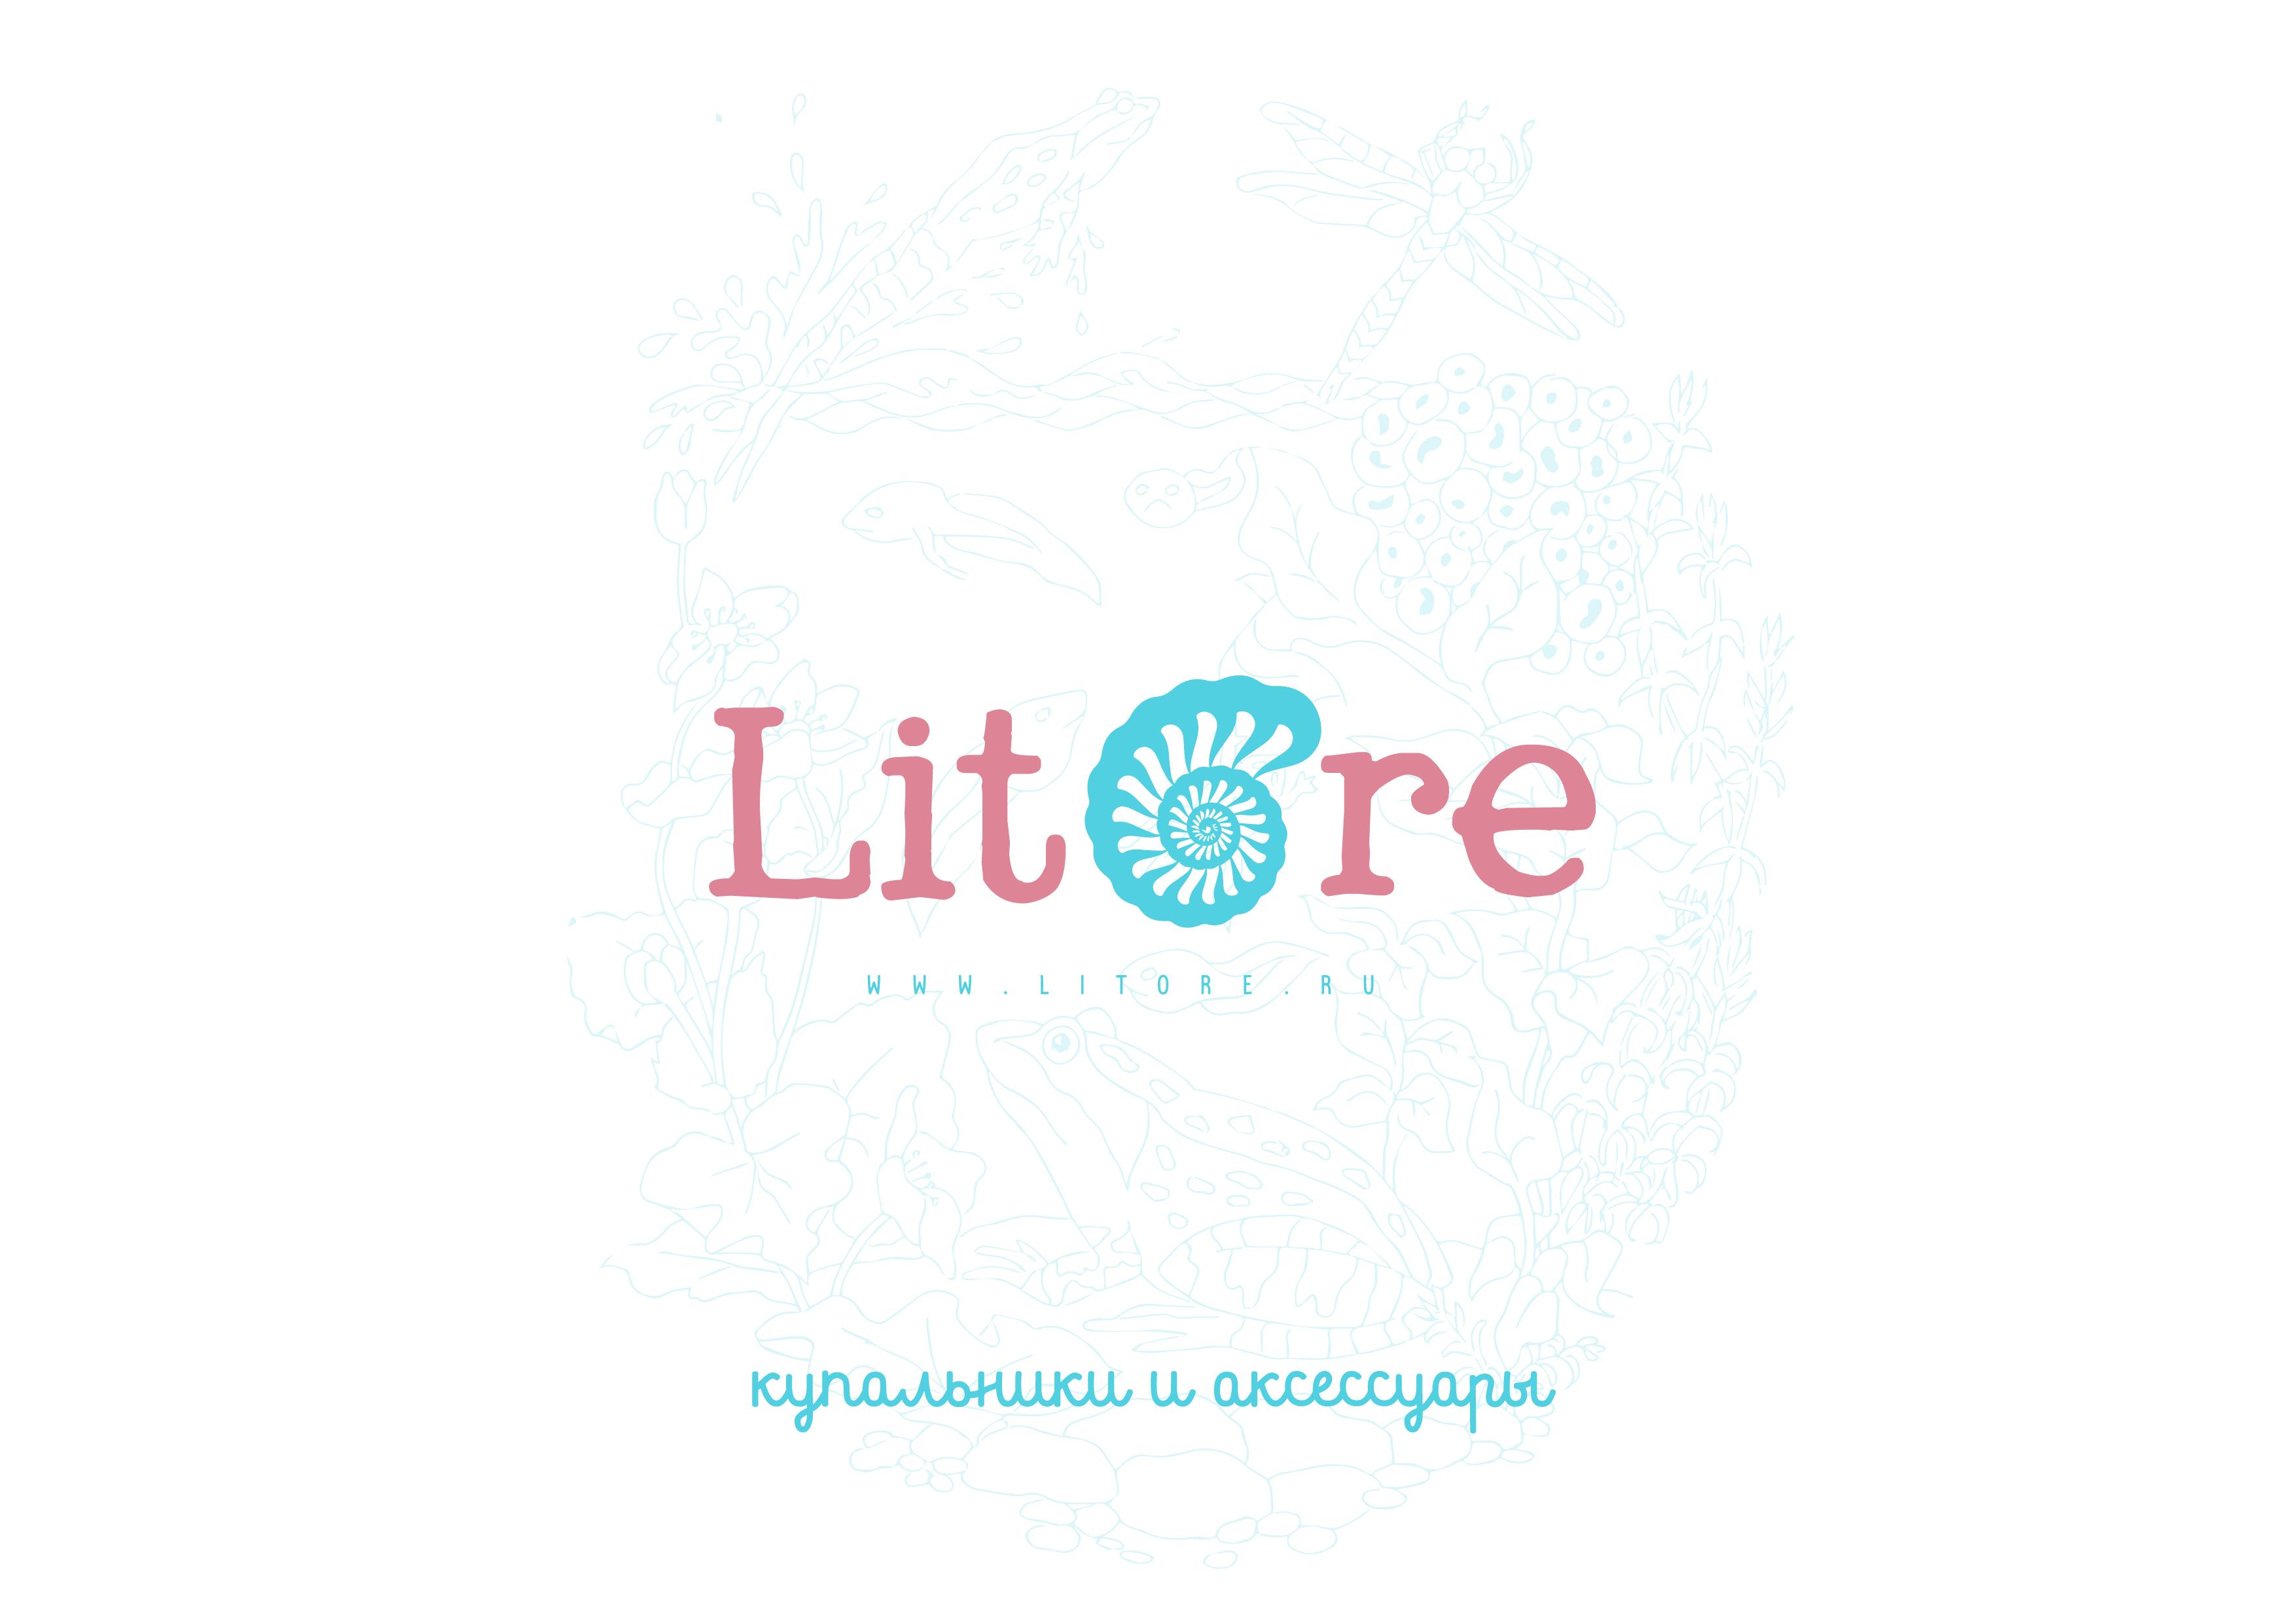 litore.ru